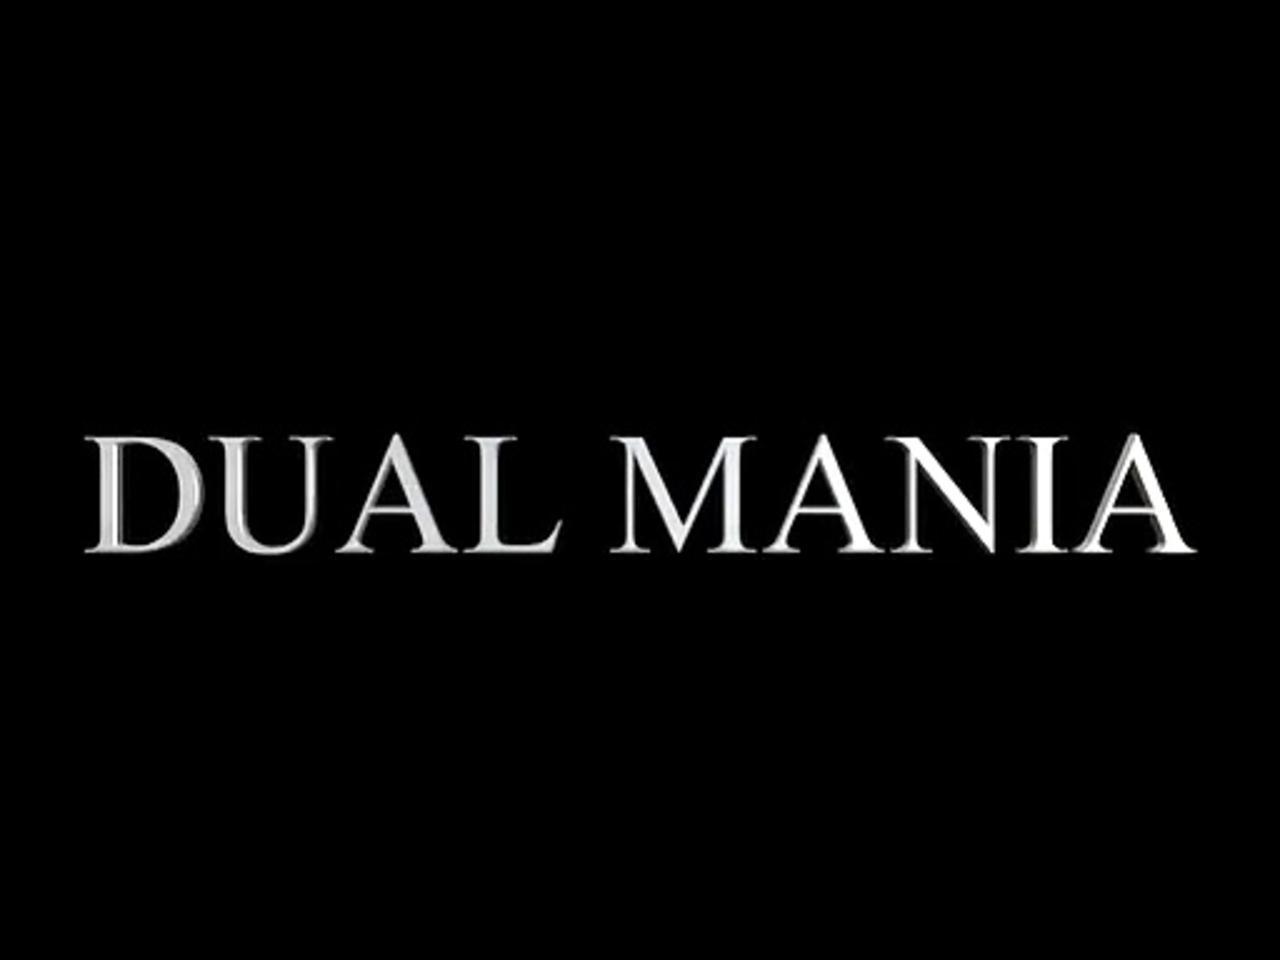 DUAL MANIA Movie